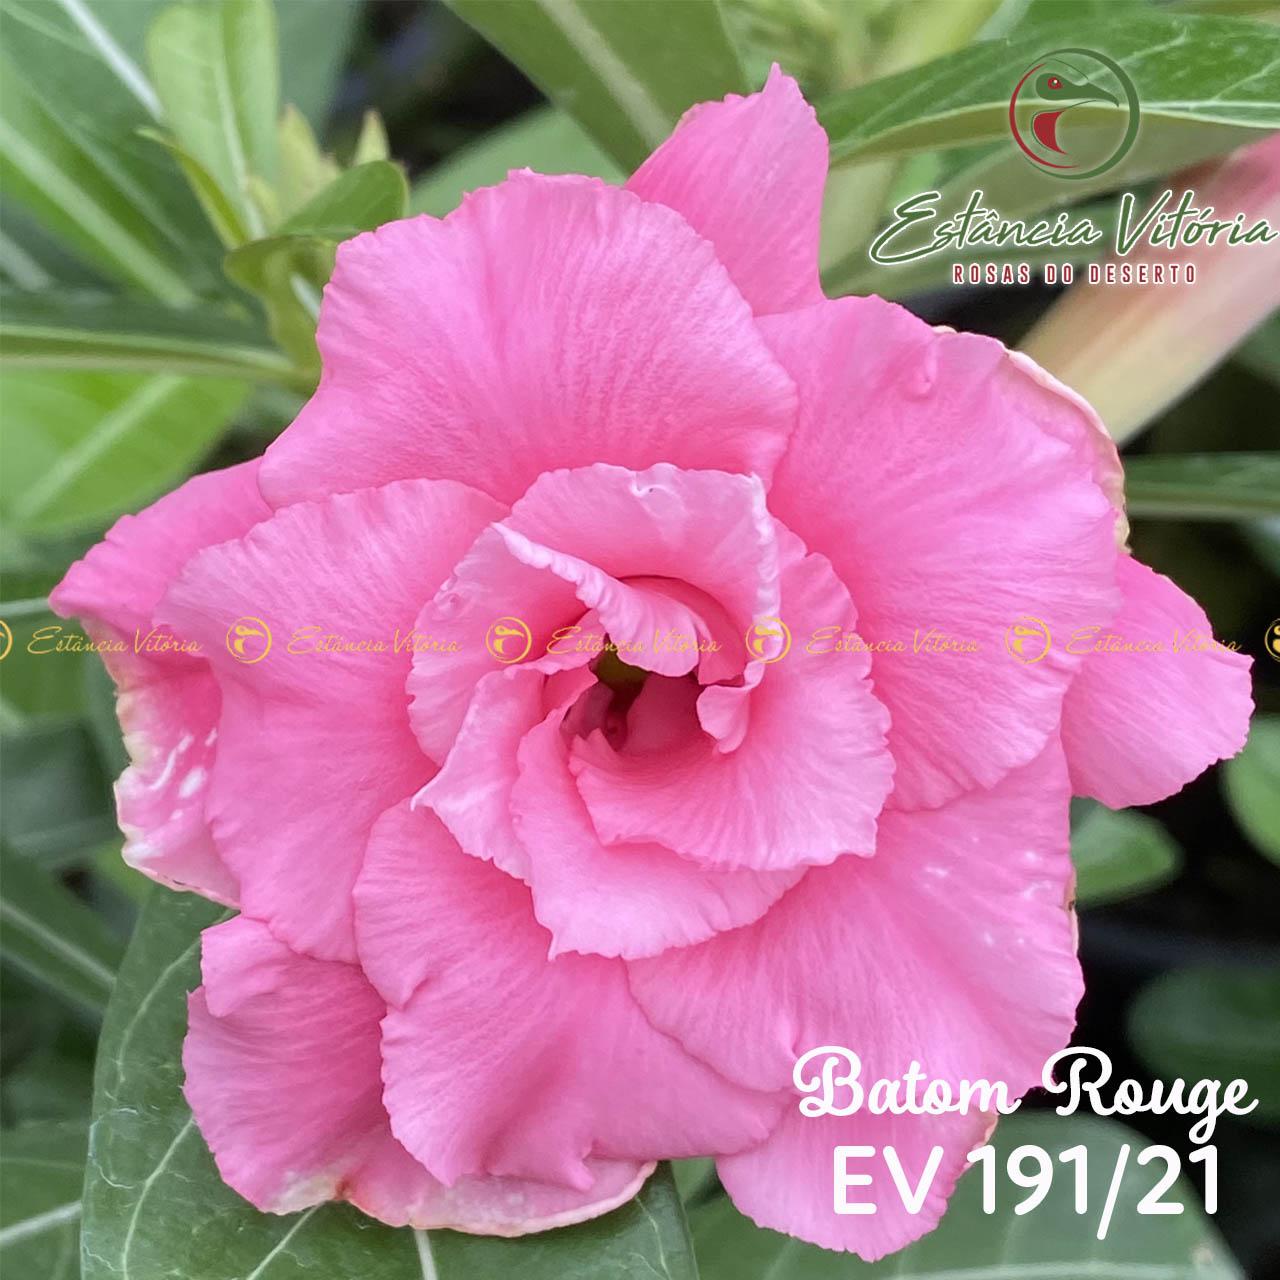 Muda de Rosa do Deserto Batom Rouge EV-19121